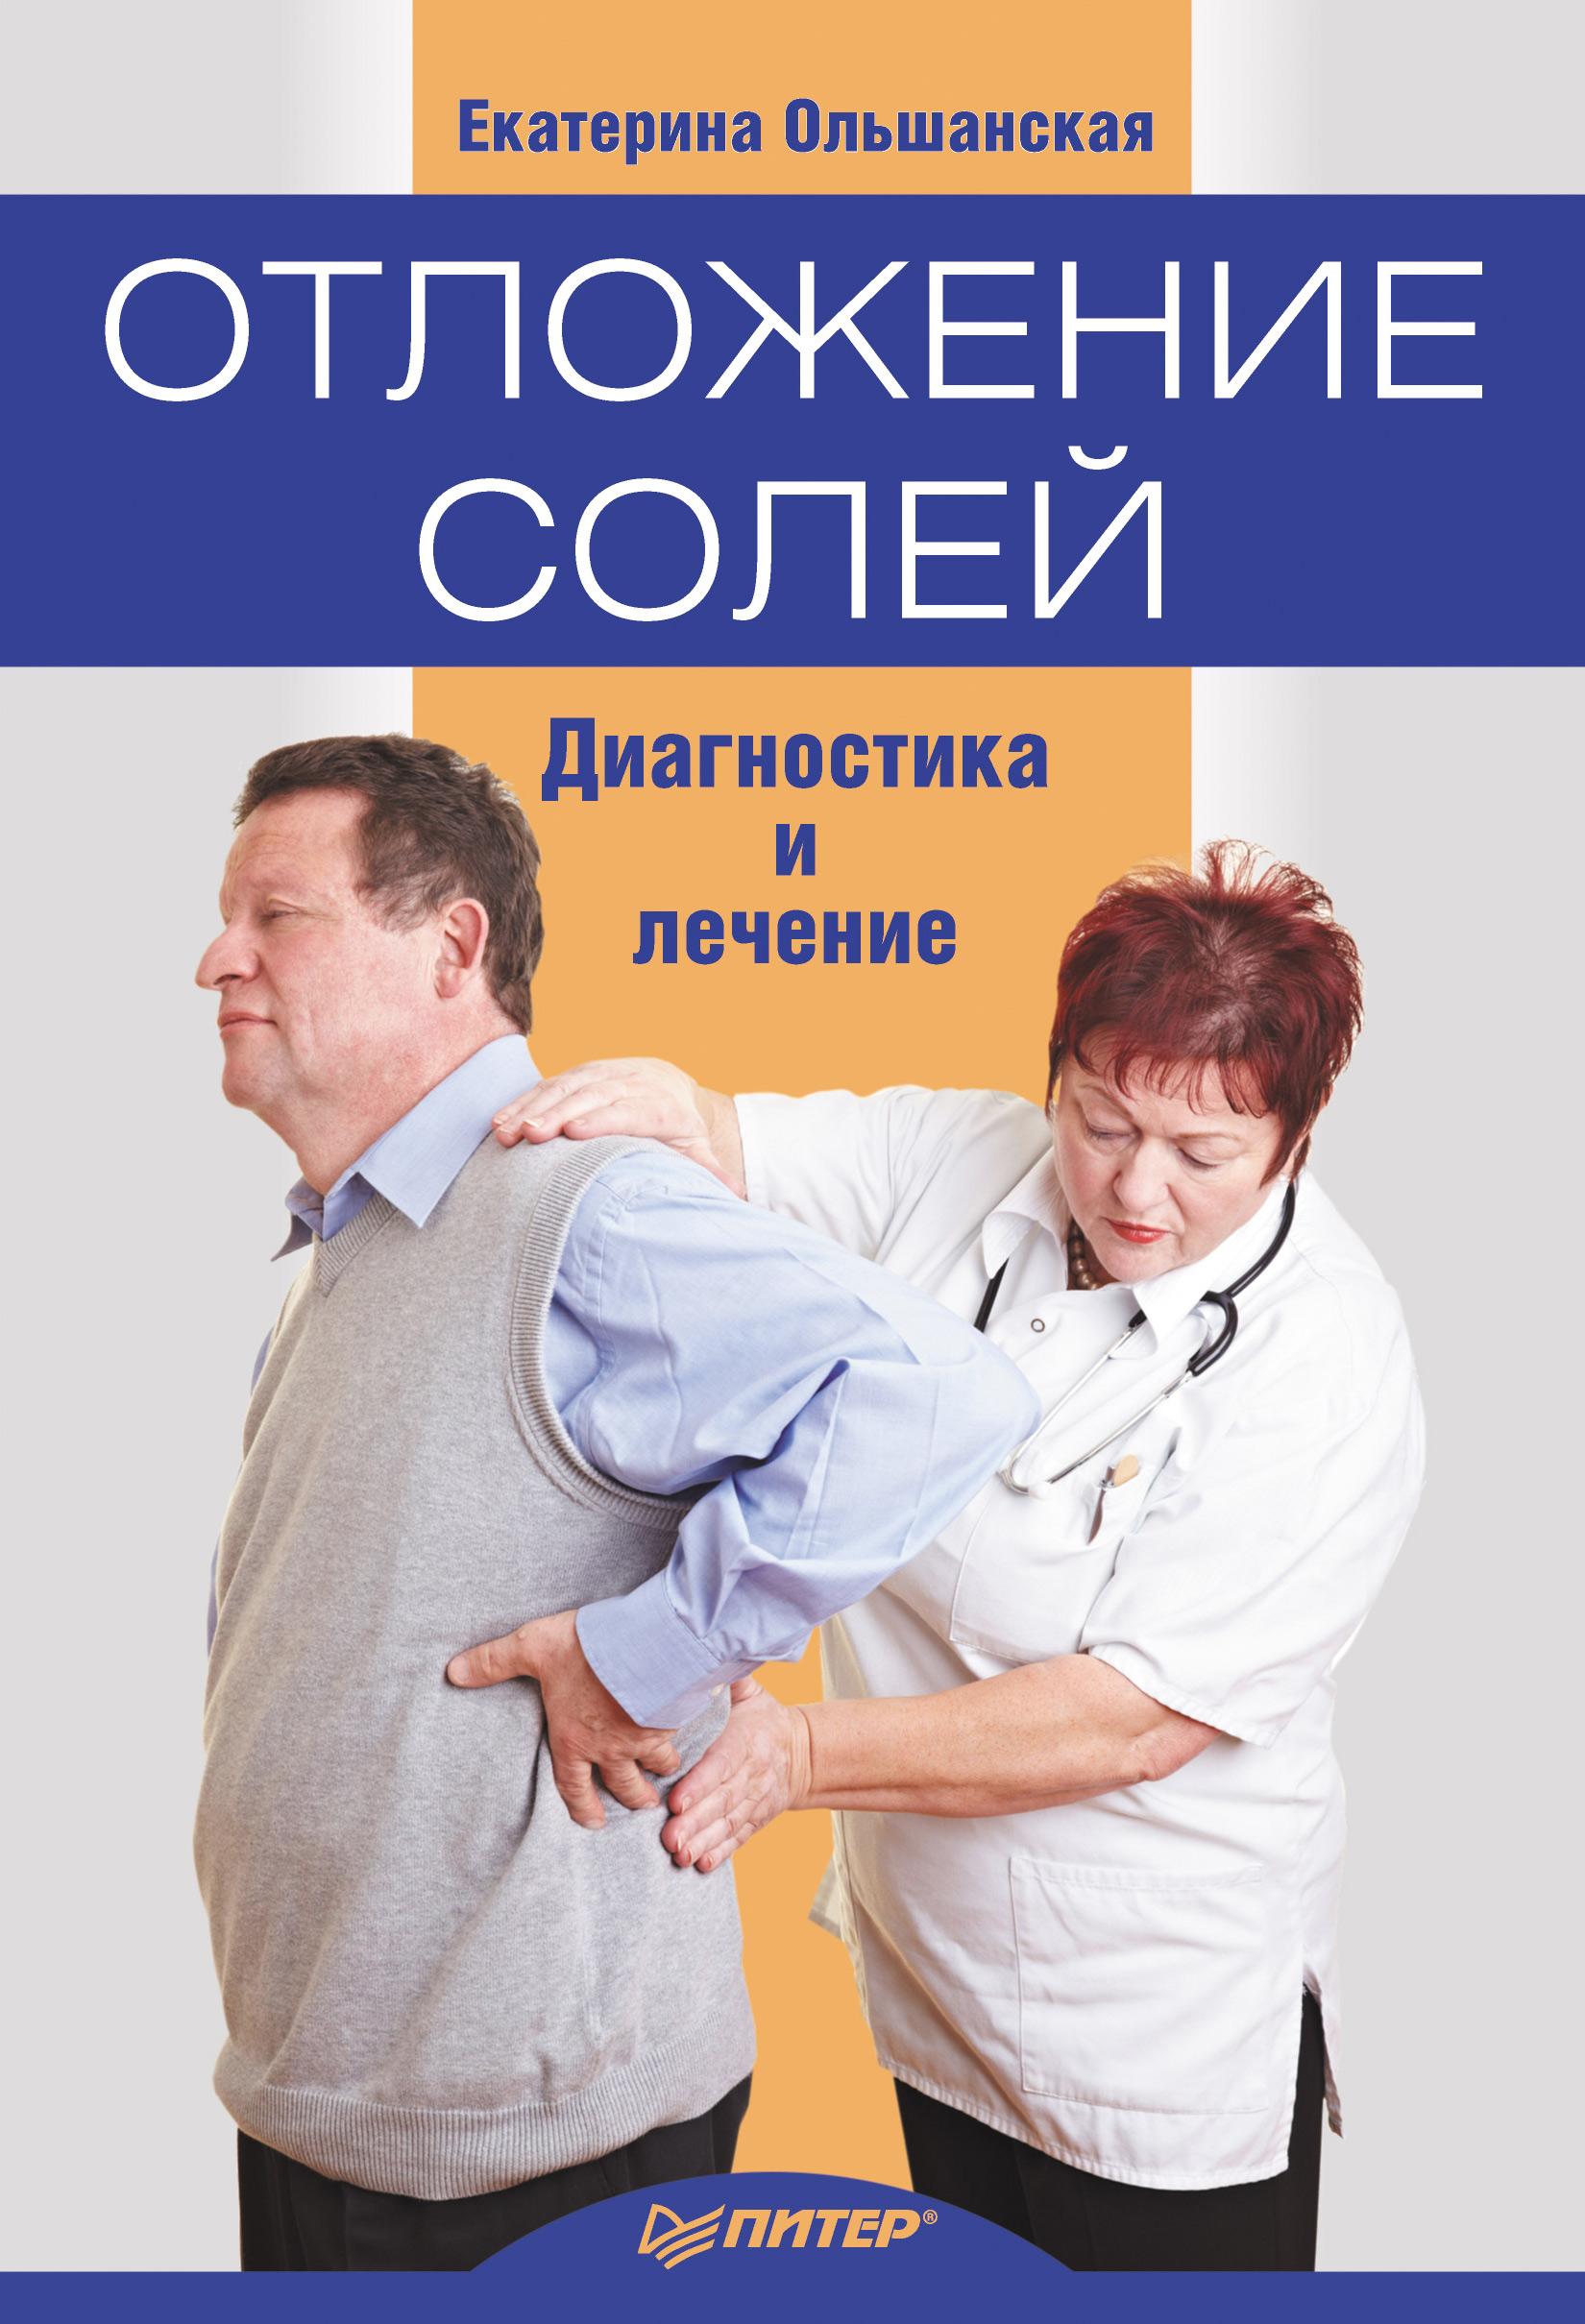 Екатерина Ольшанская Отложение солей. Диагностика и правильное лечение отсутствует отложение солей профилактика и лечение